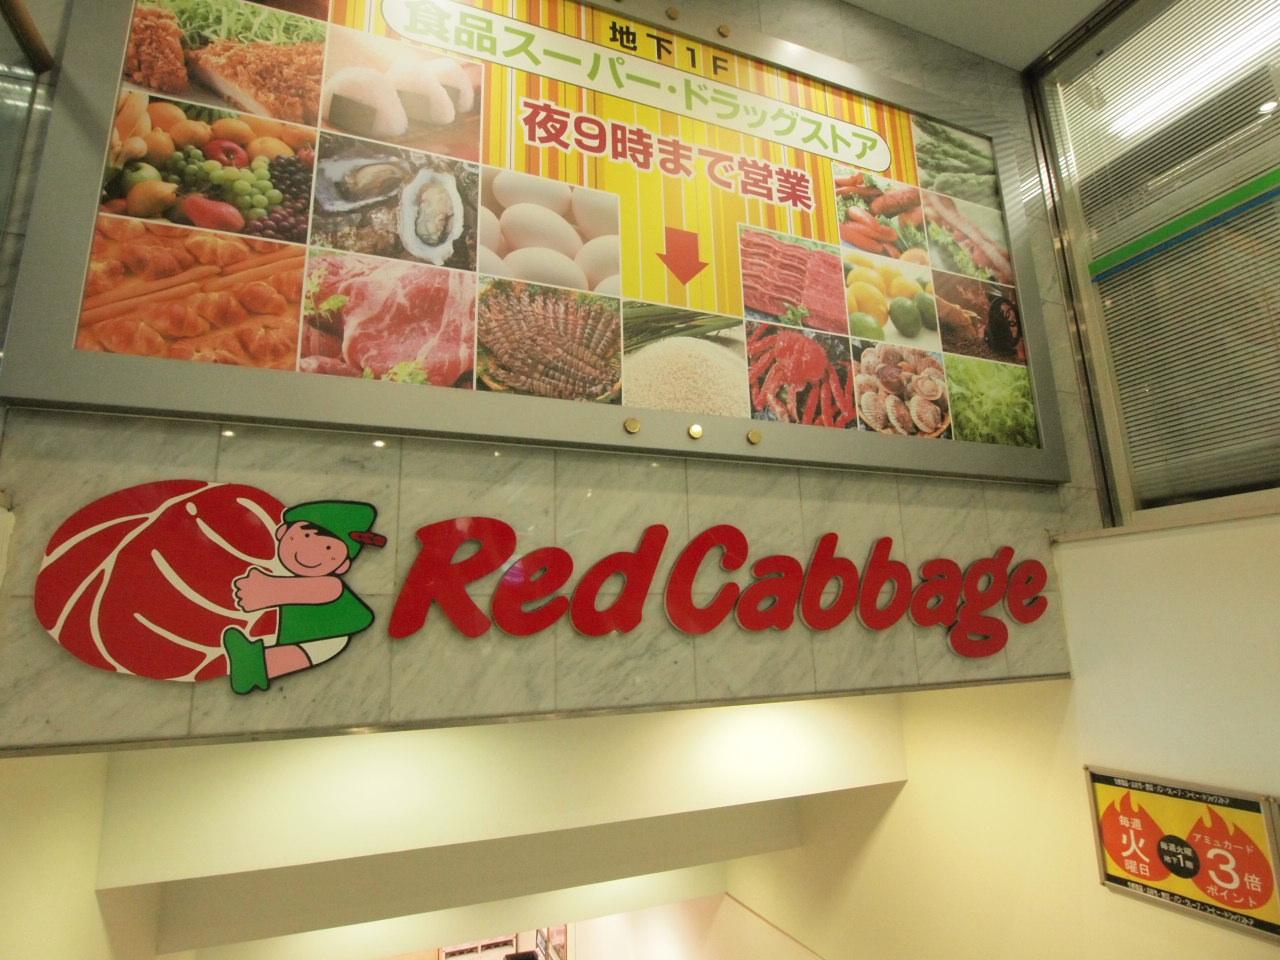 スーパー:Red Cabbage(レッドキャベツ) 小倉駅店 611m